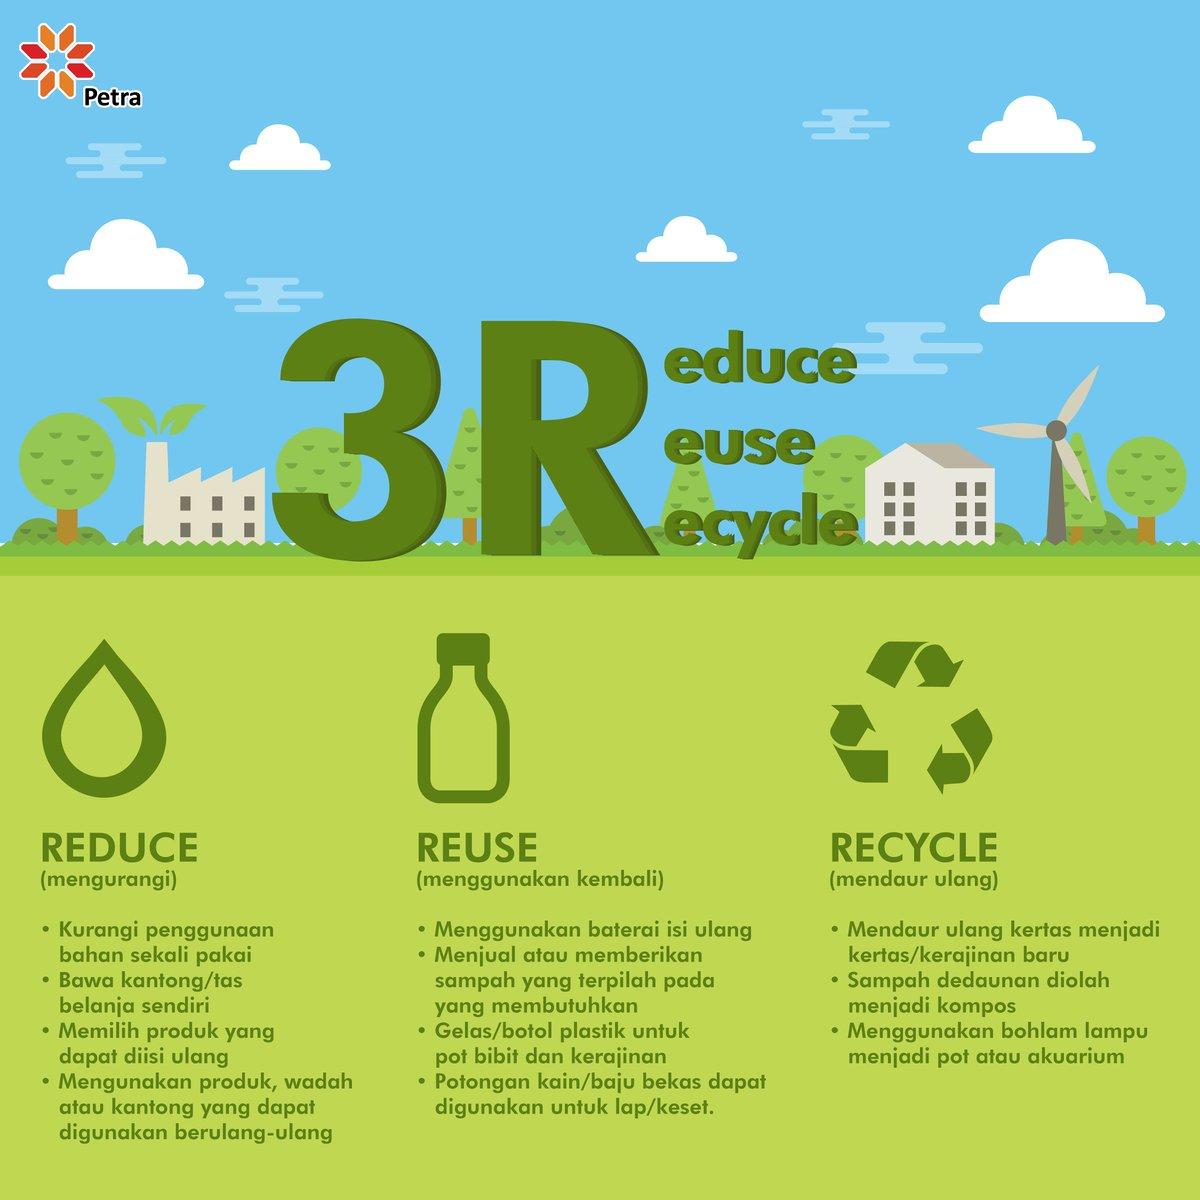 12 cara mudah mengurangi polusi yuk